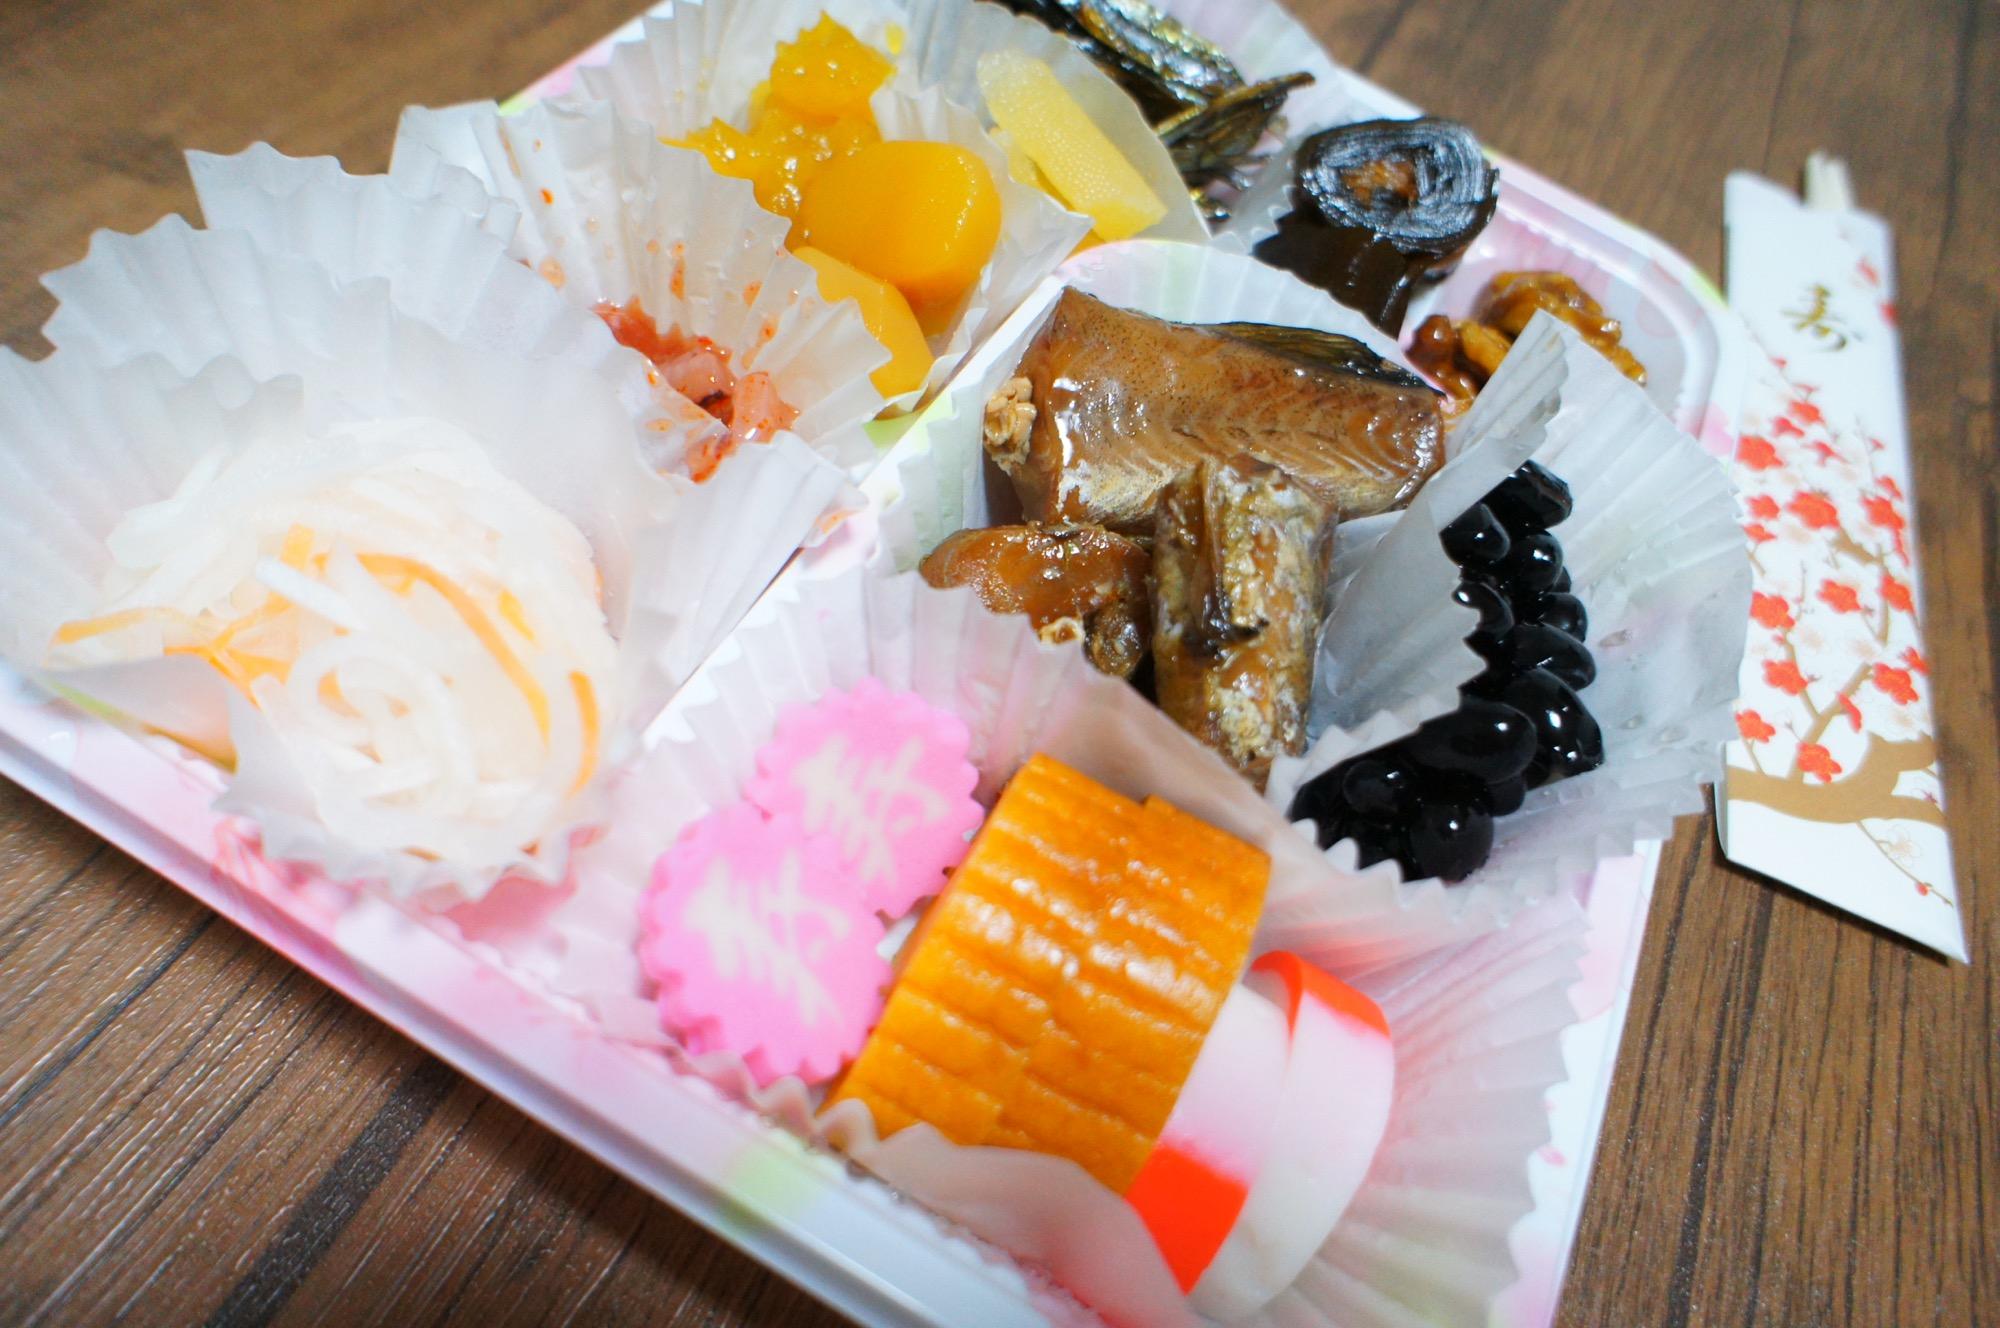 《カスタマイズ自由❤️》超人気!食べきりサイズ【ローソンストア】100円おせち☻_4